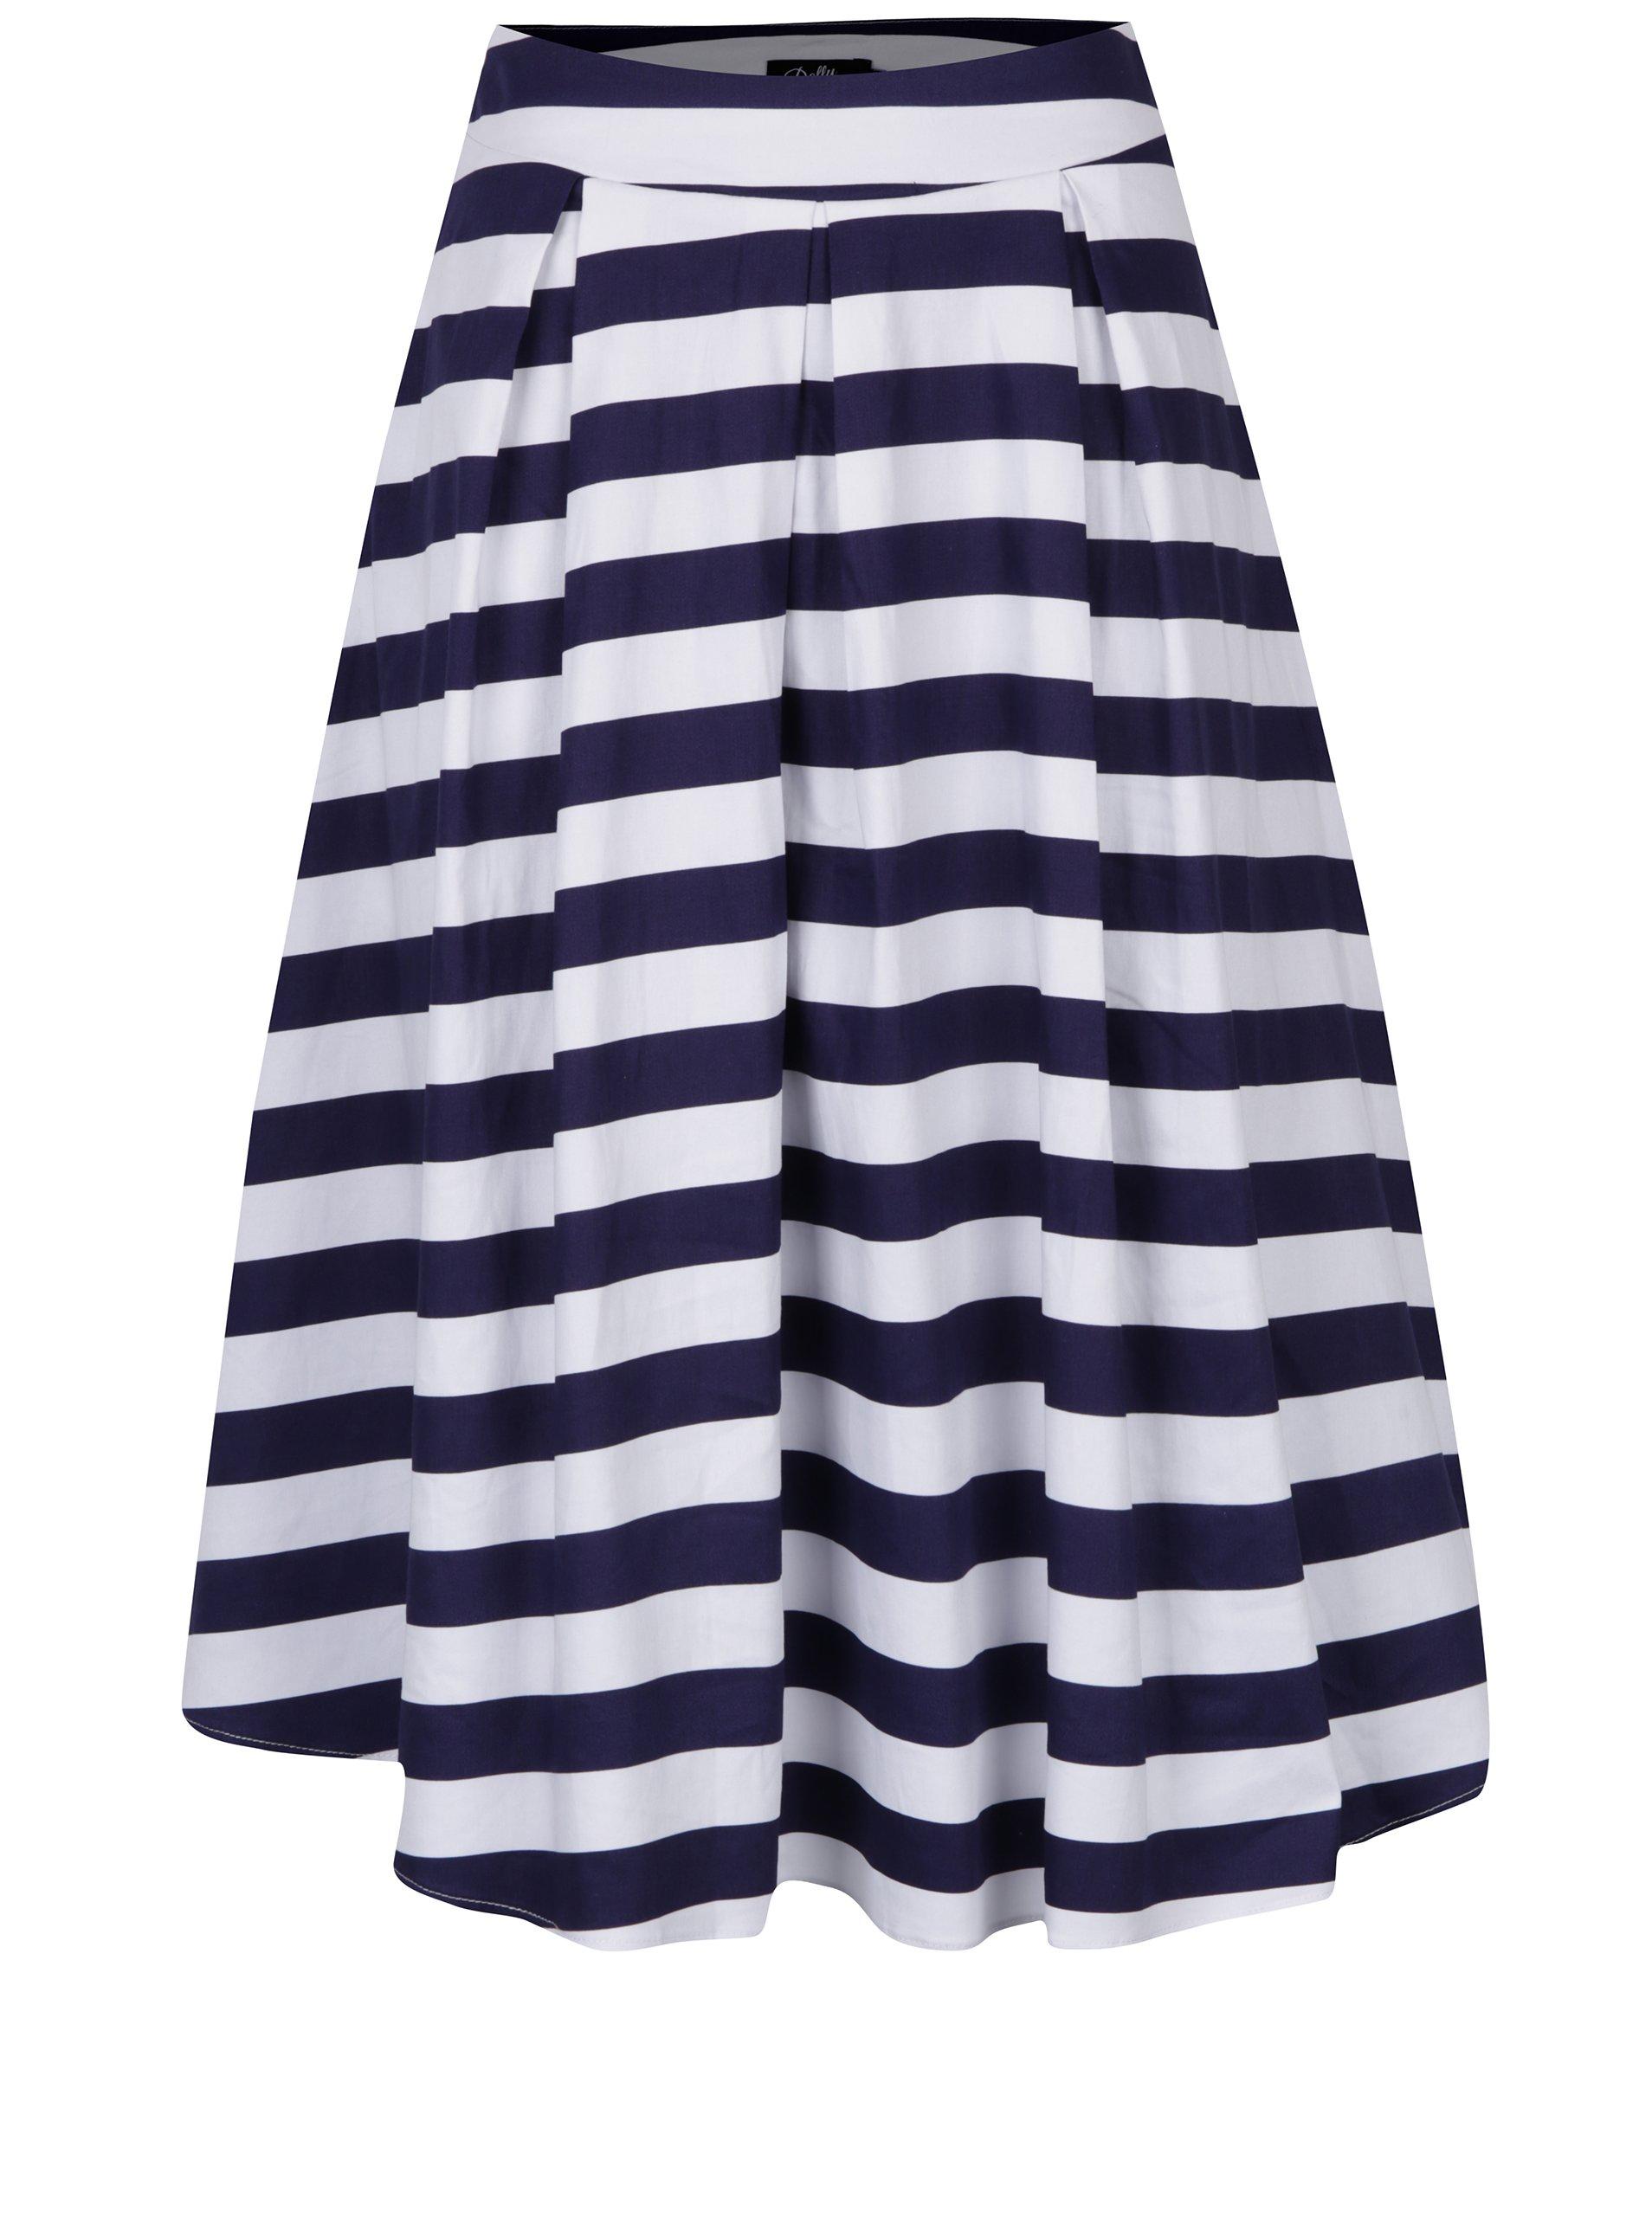 b042f90983da Černo-bílé vzorované šaty Dolly   Dotty Vanessa - SLEVA!